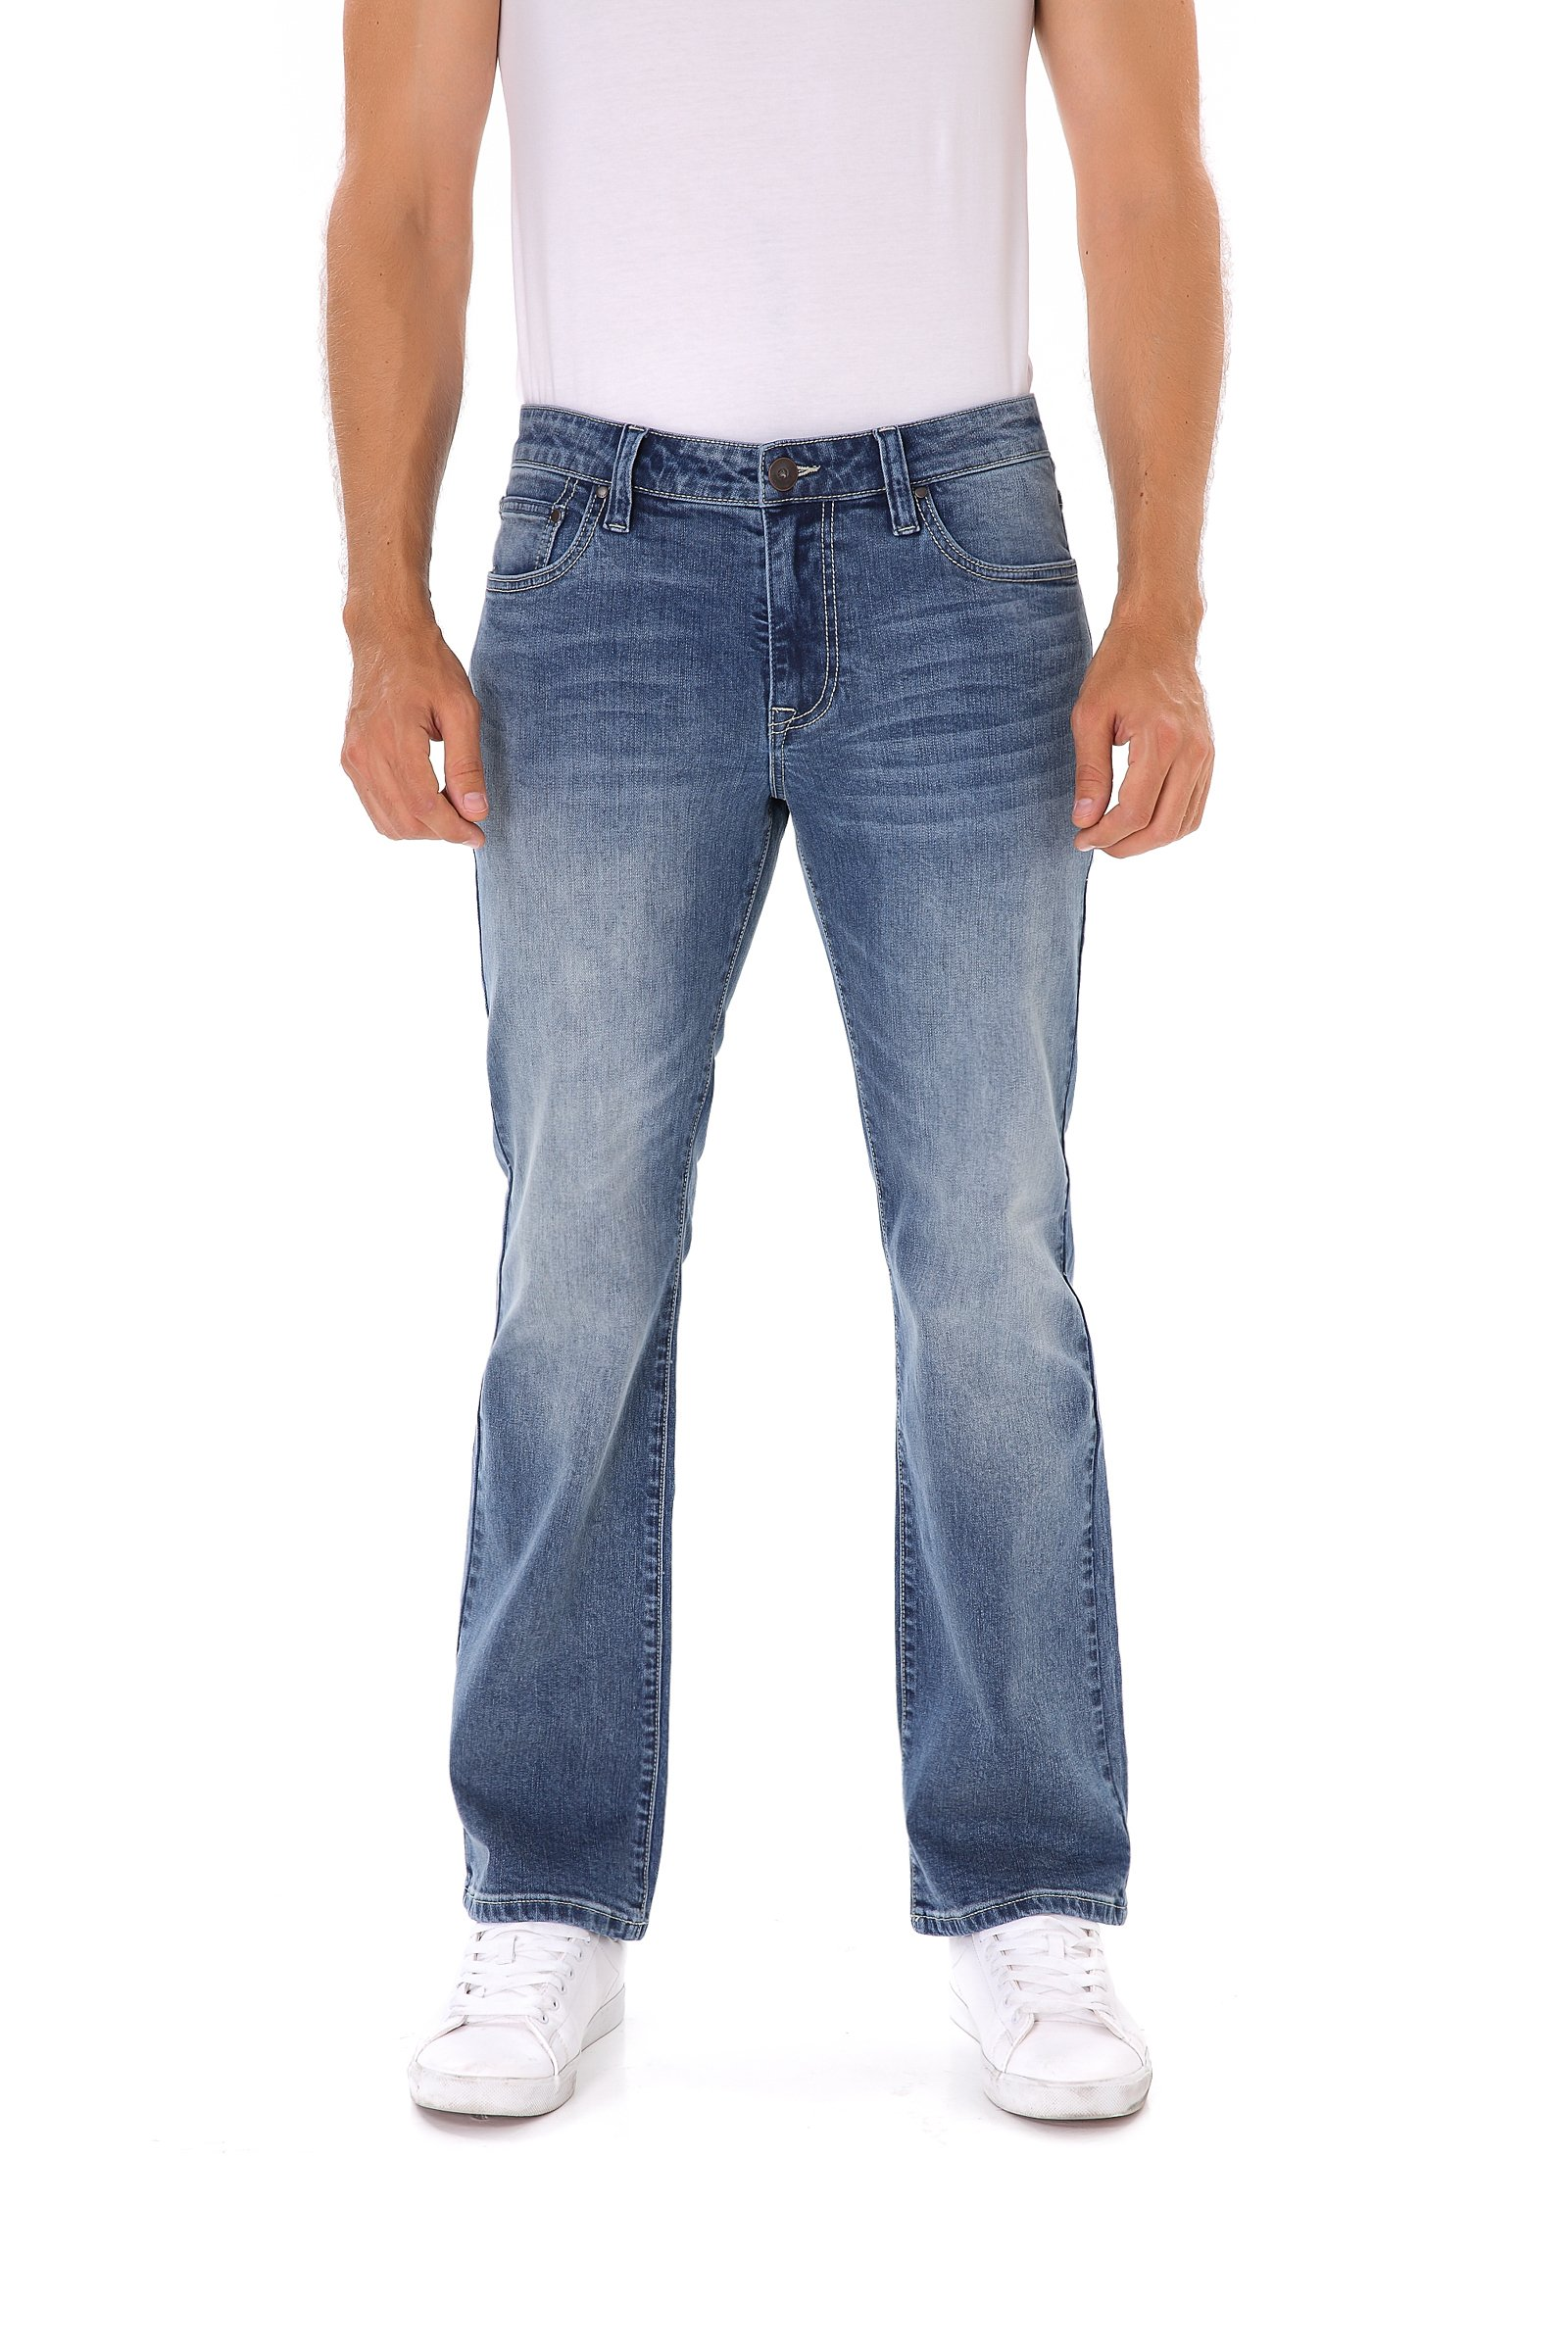 Indigo alpha Medium Blue Boot Cut Mens Jeans(8016,W34/L30)